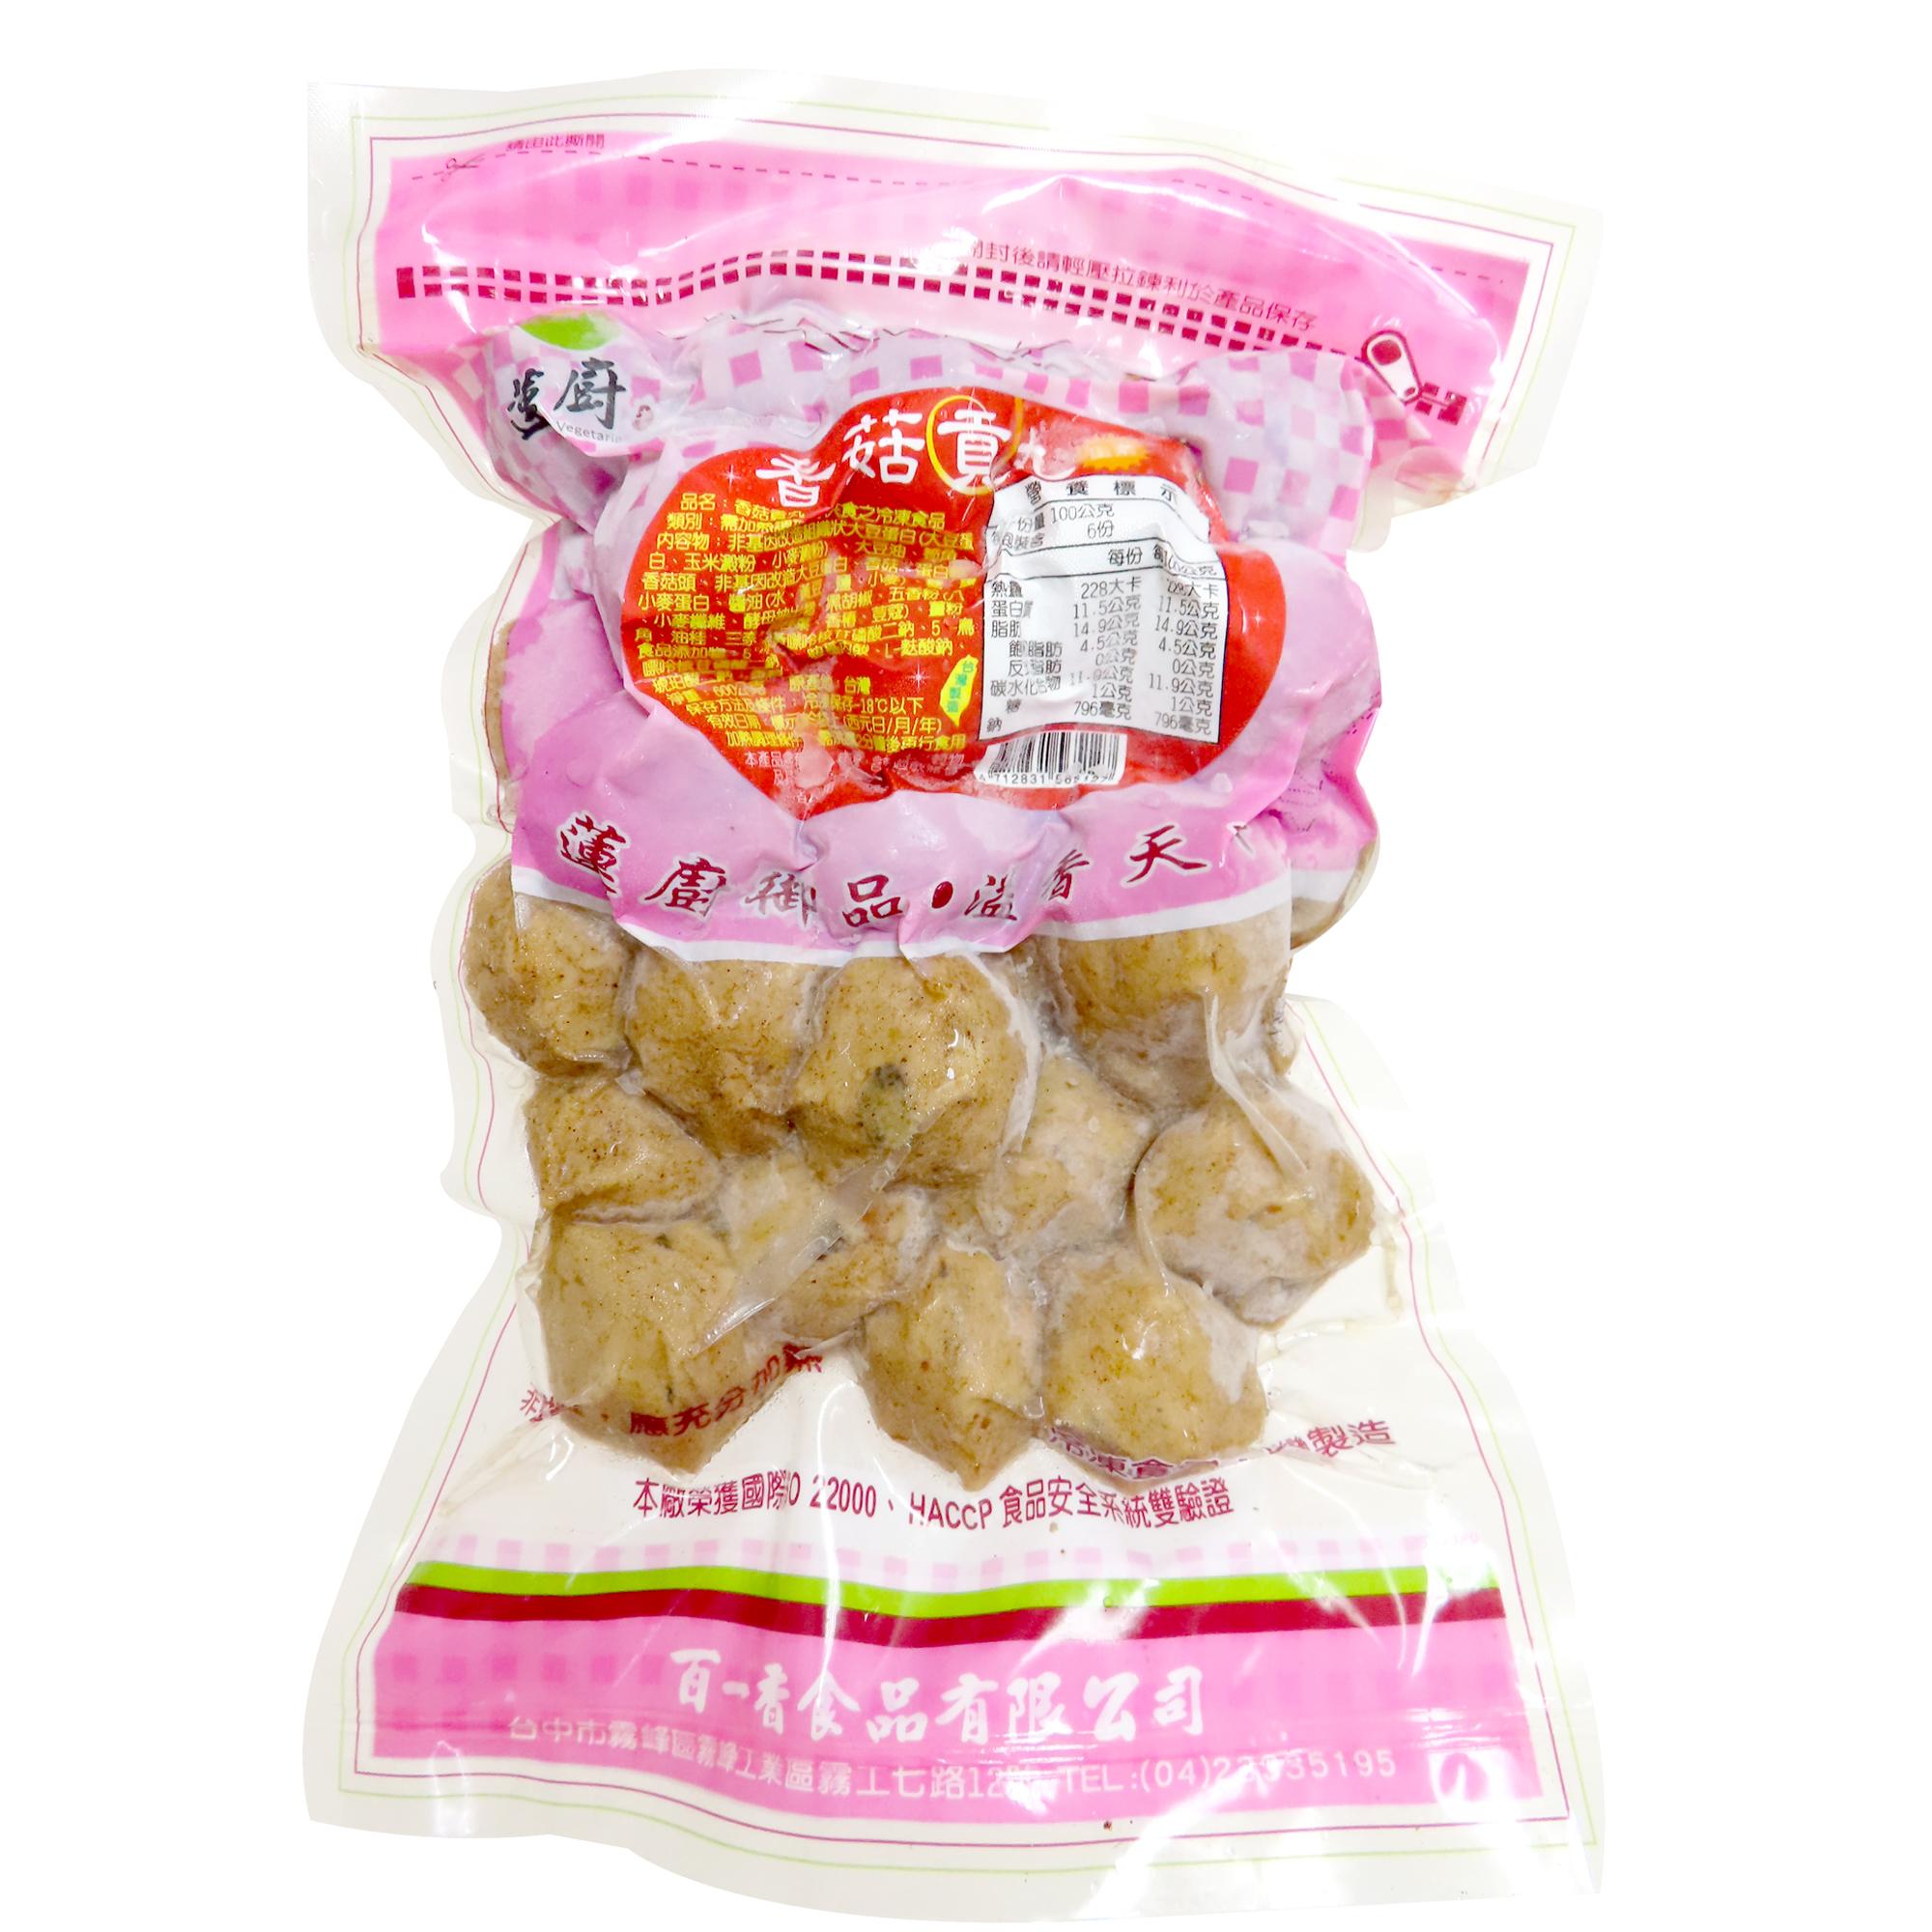 Image Mushroom Ball 莲厨 - 香菇贡丸 600grams